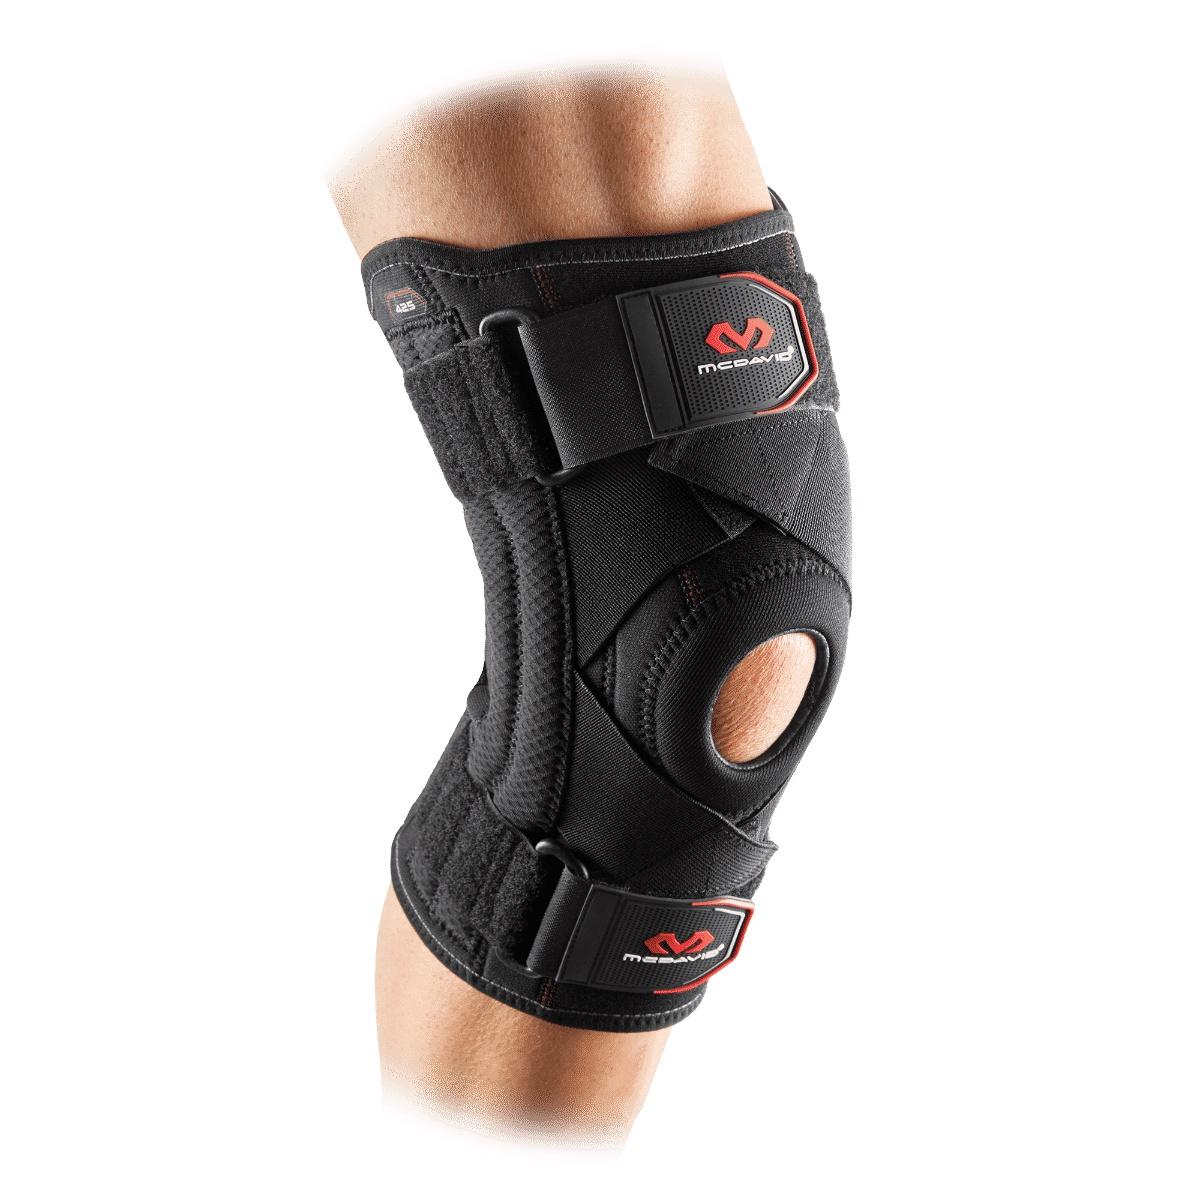 цена на McDavid 425XL Неопреновый бандаж колена с ремнями для защиты крестообразных связок (McDavid 425)